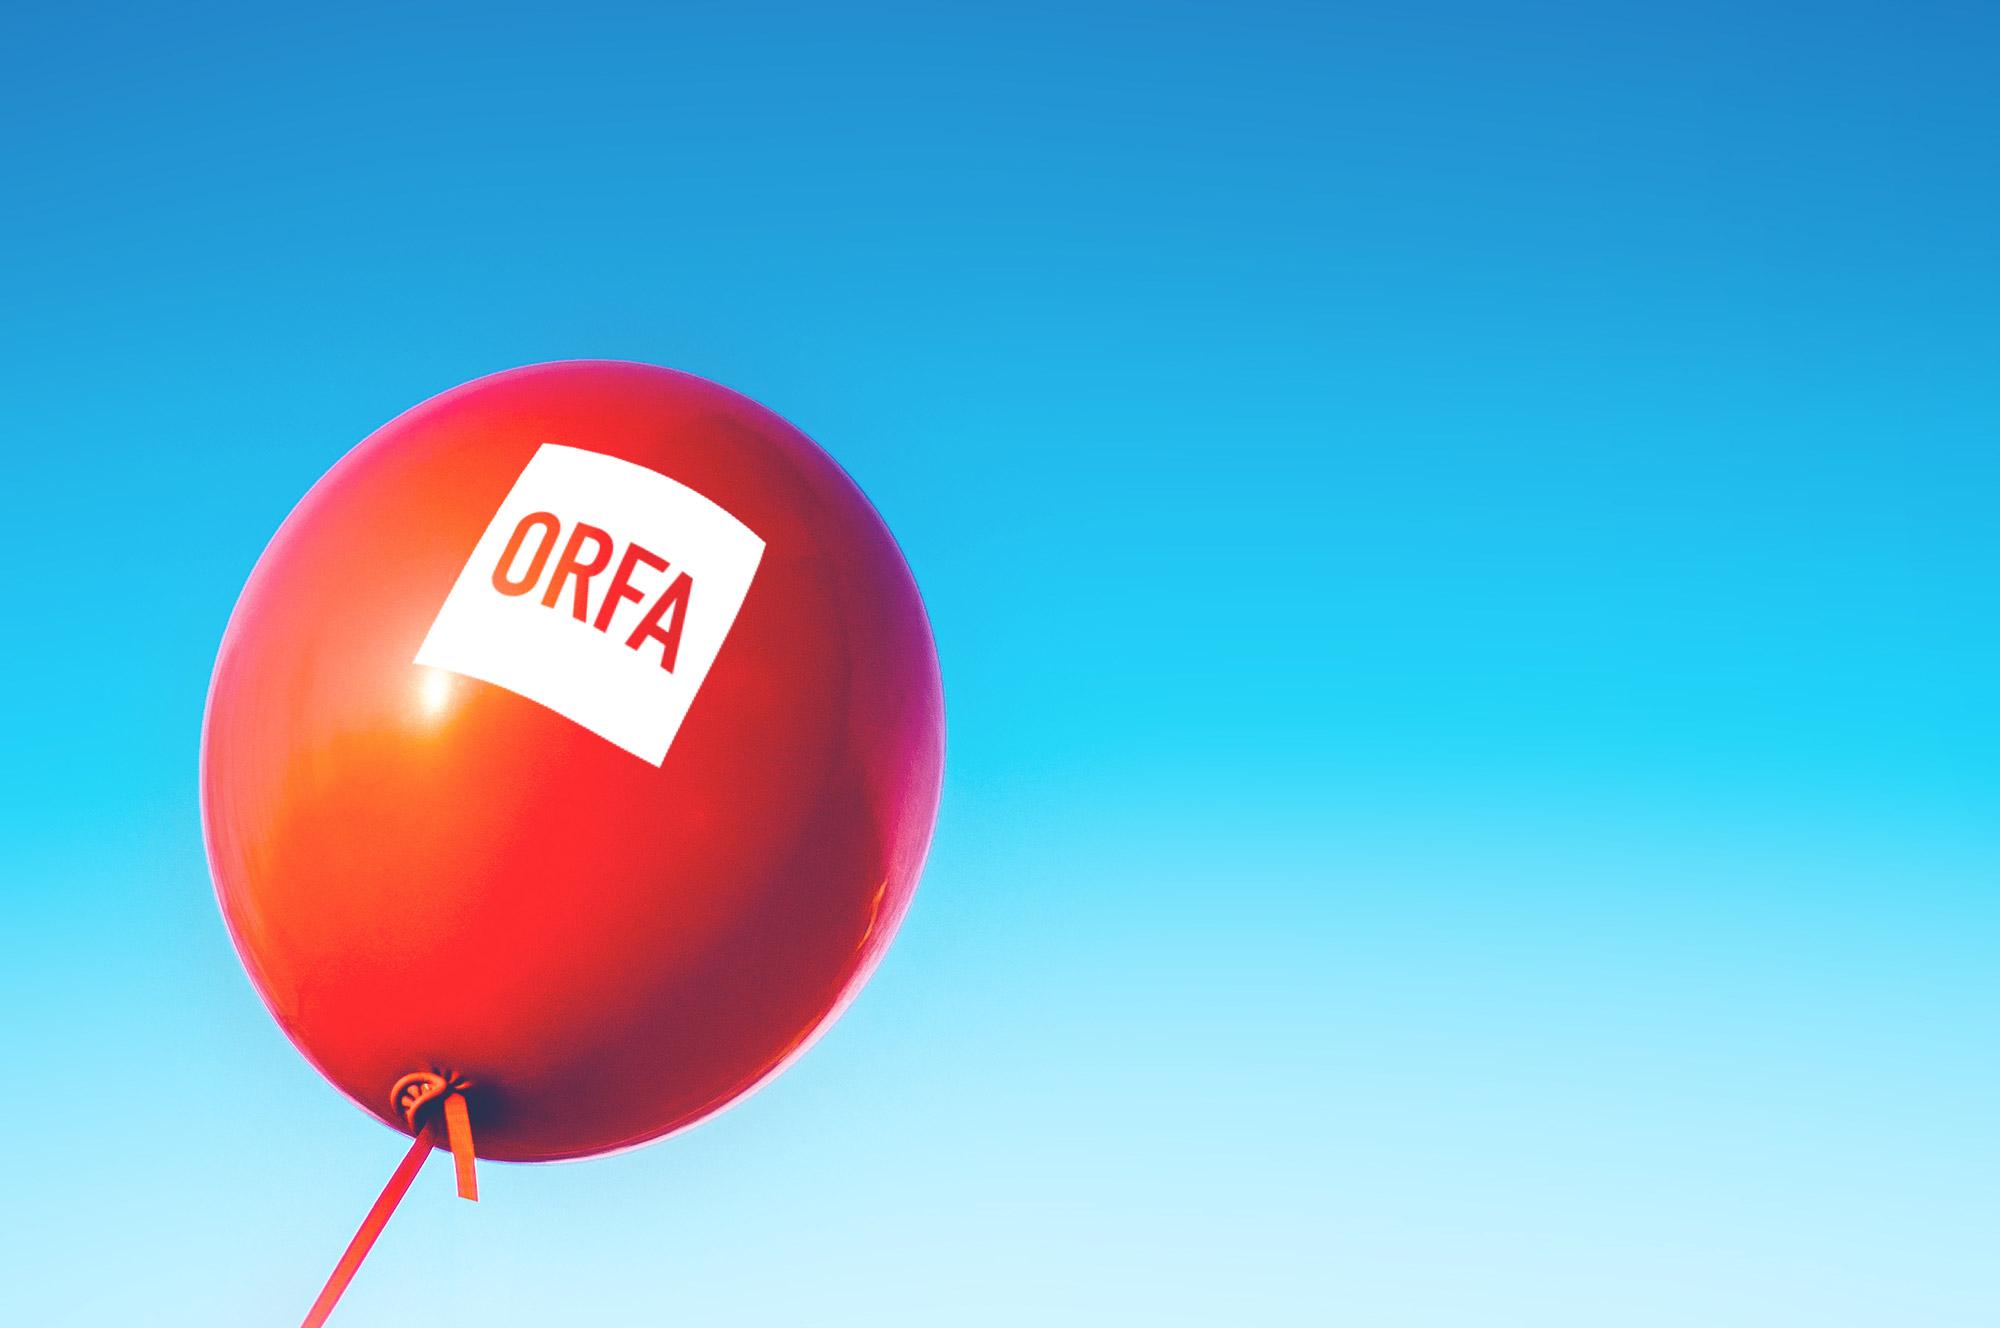 orfa-baloon